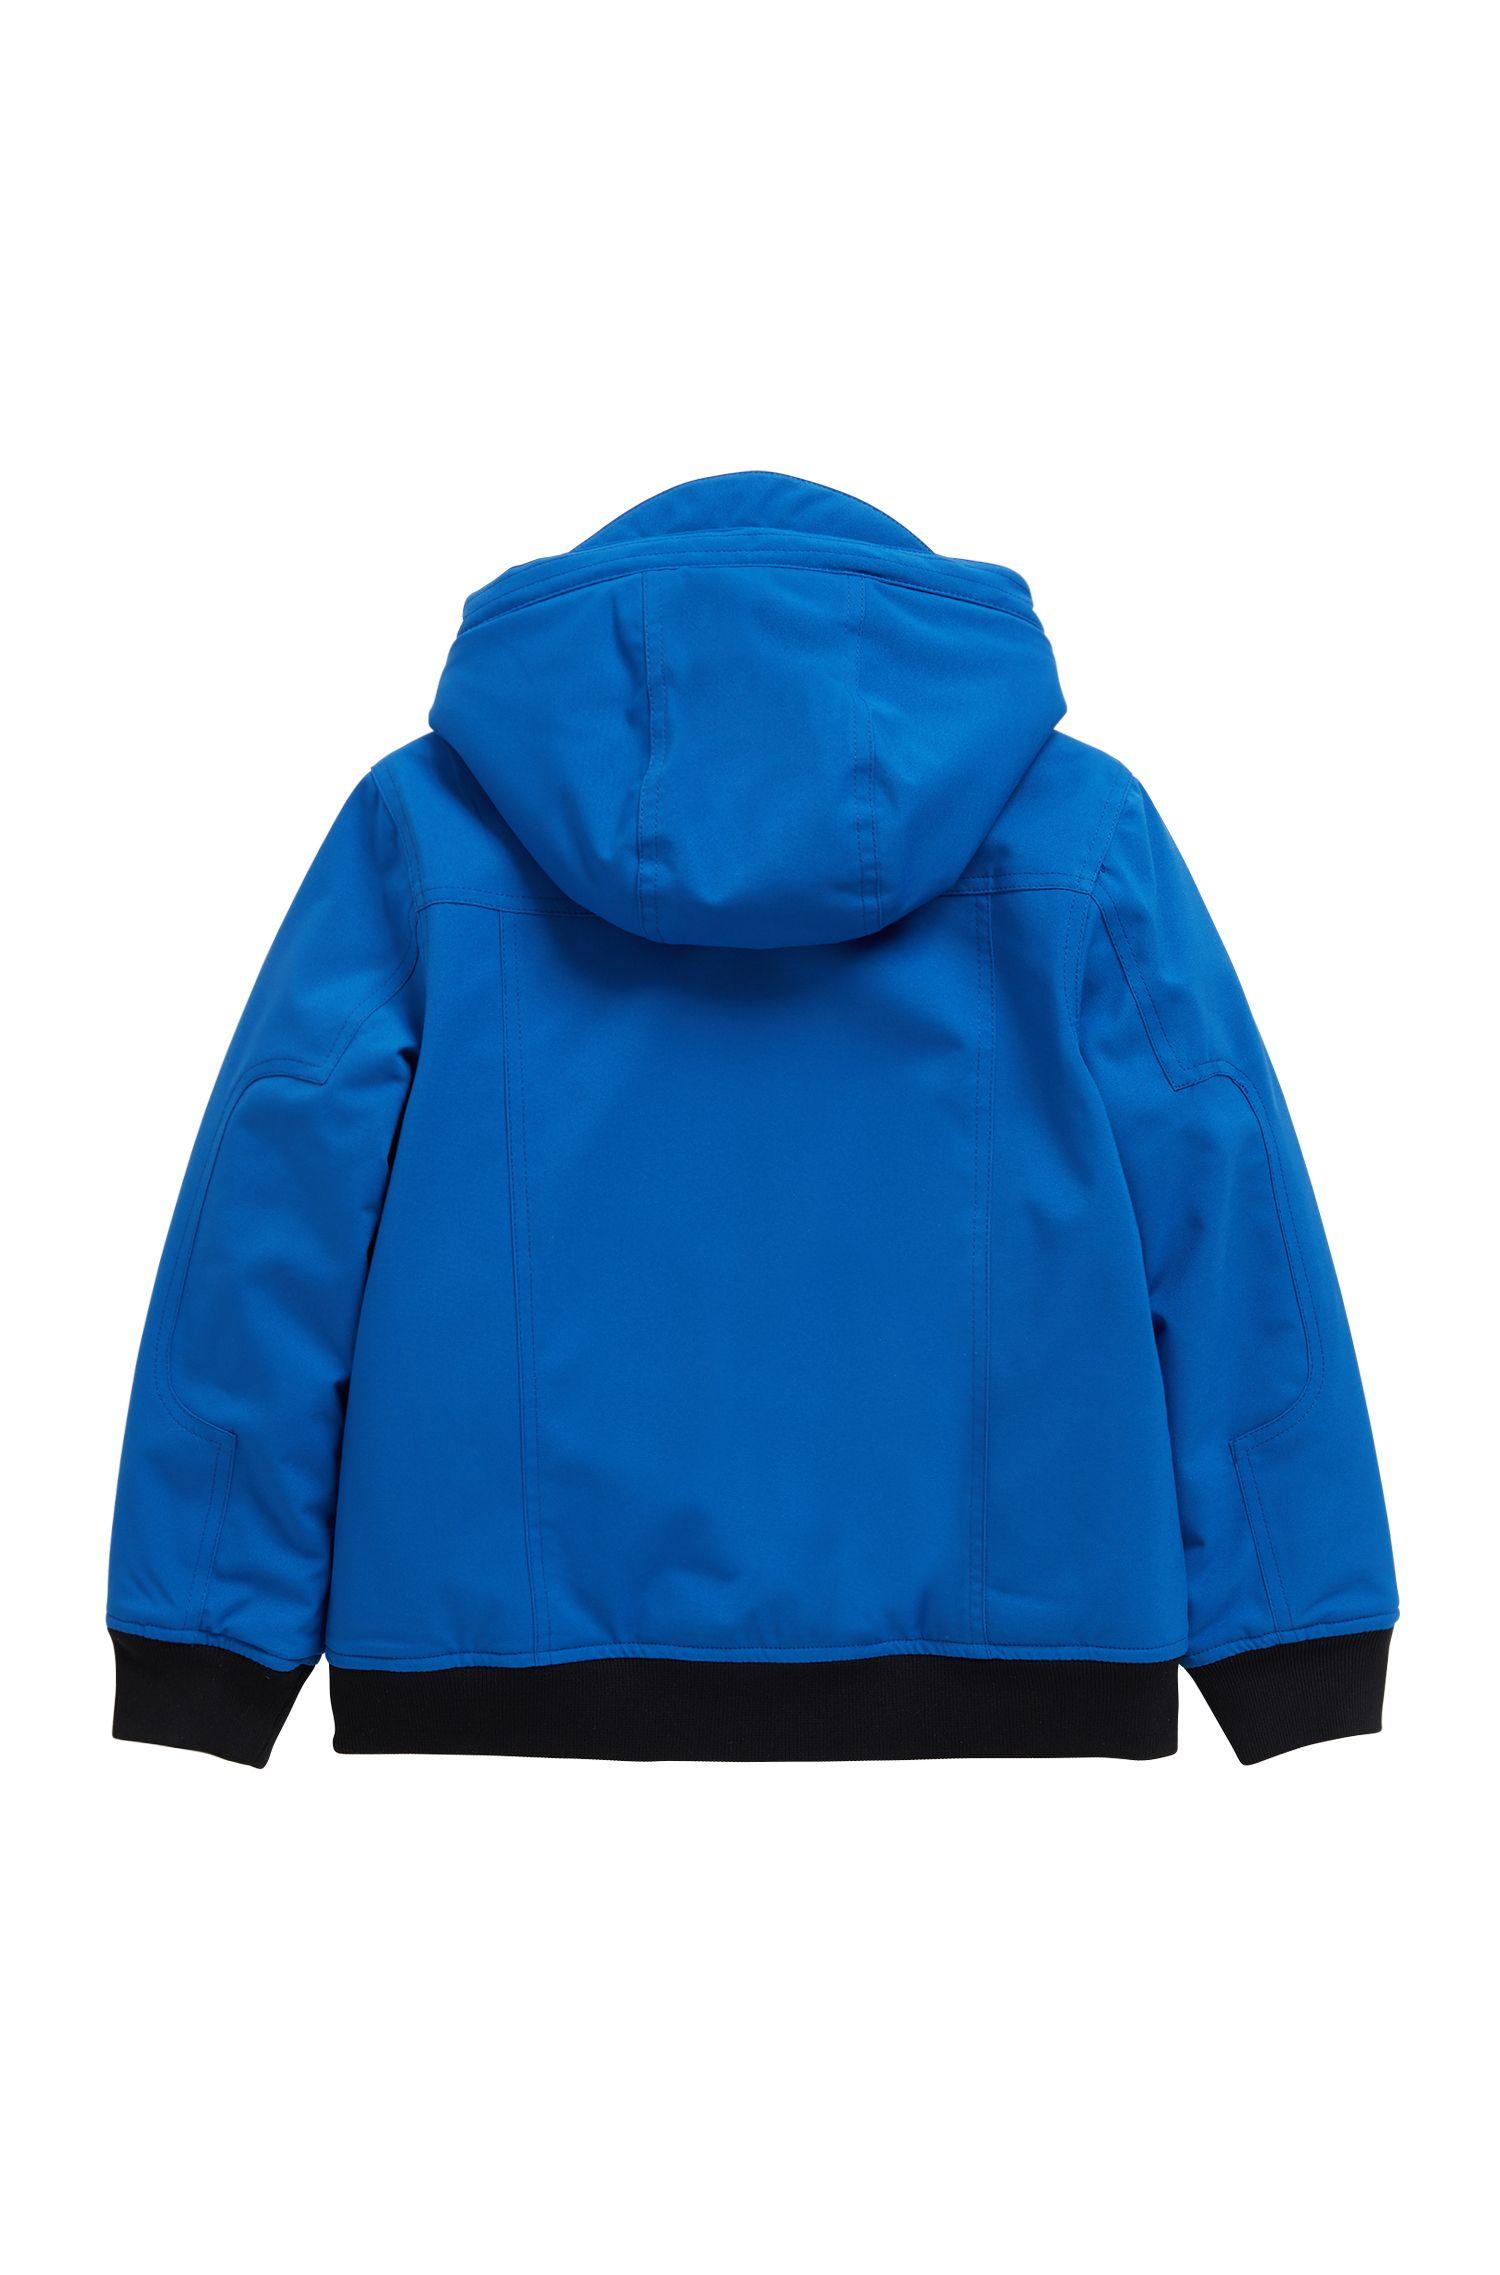 Parka Regular Fit pour enfant avec doublure en polaire, Bleu